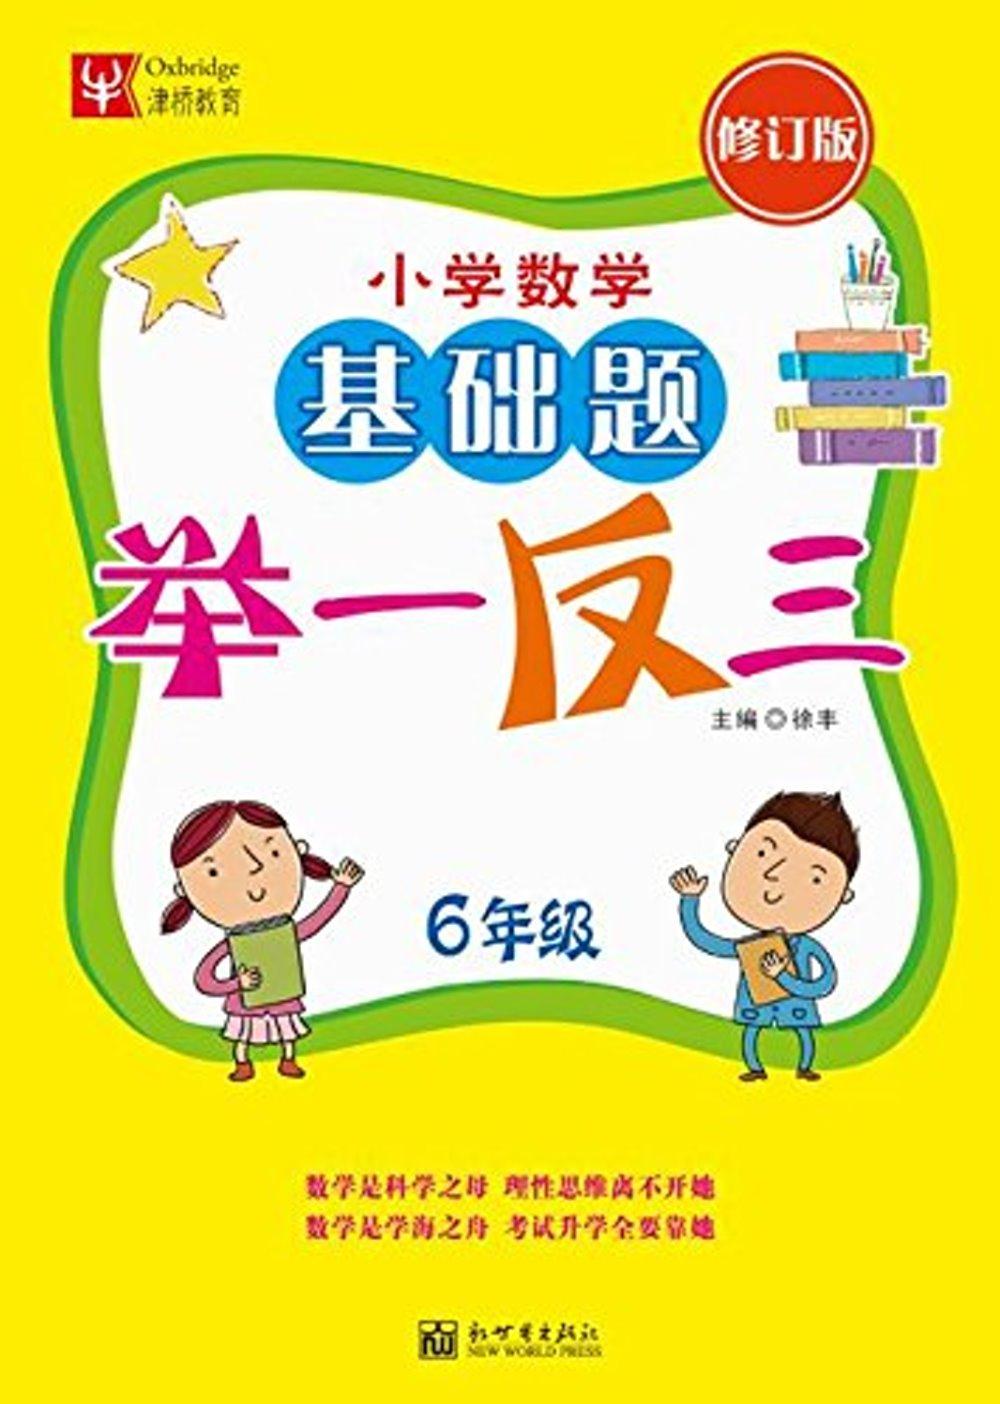 小學數學基礎題舉一反三^(修訂版^) 小學6年級